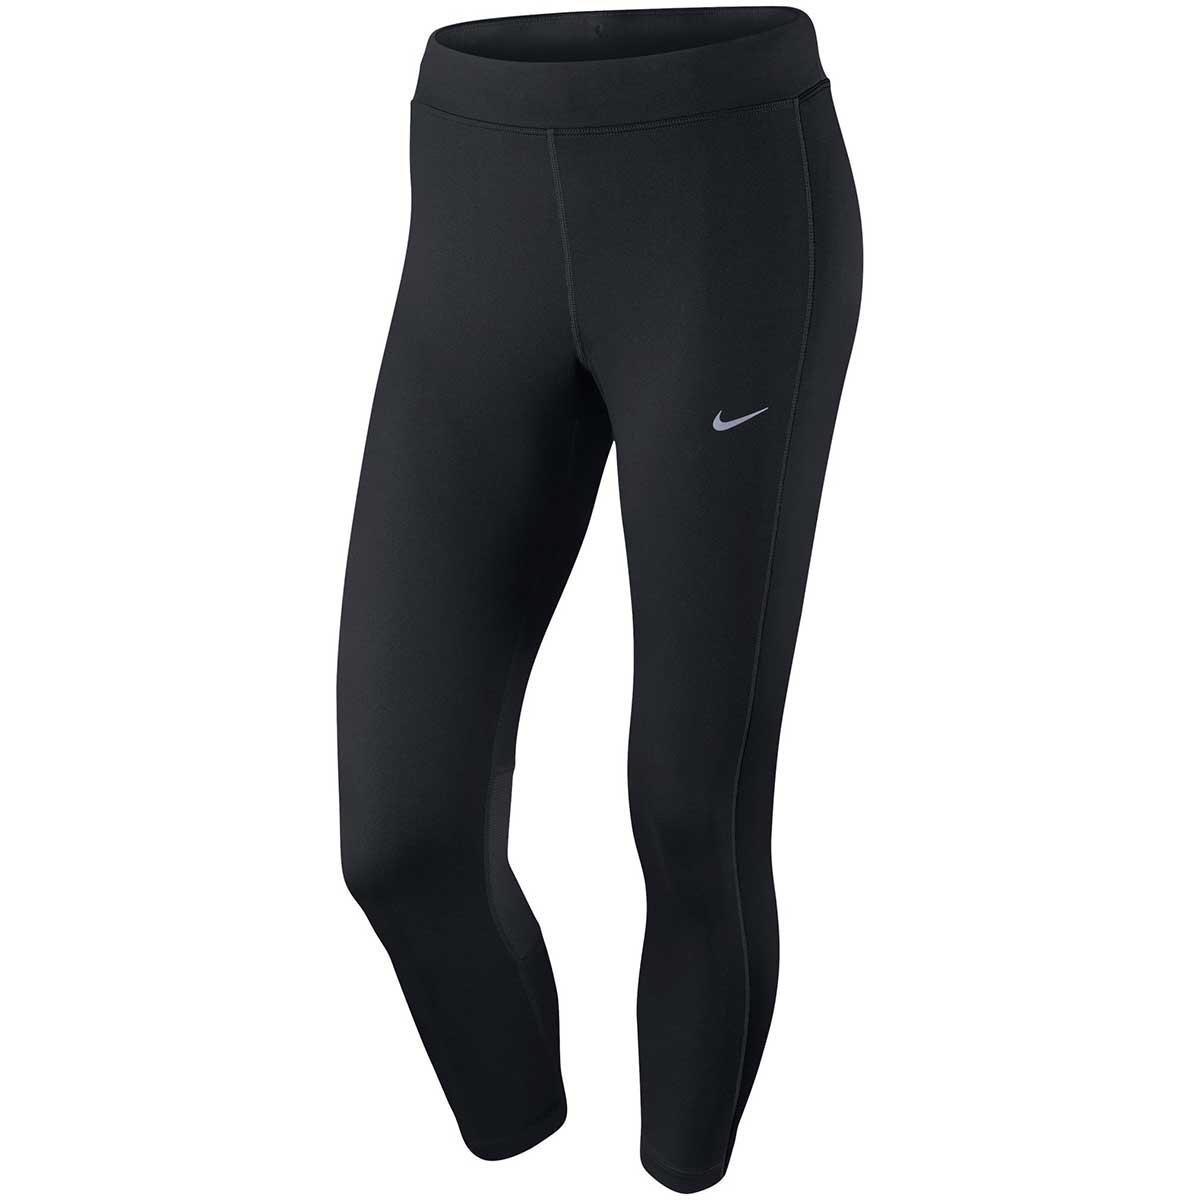 Nike Womens Power Essential Running Crop (Black)